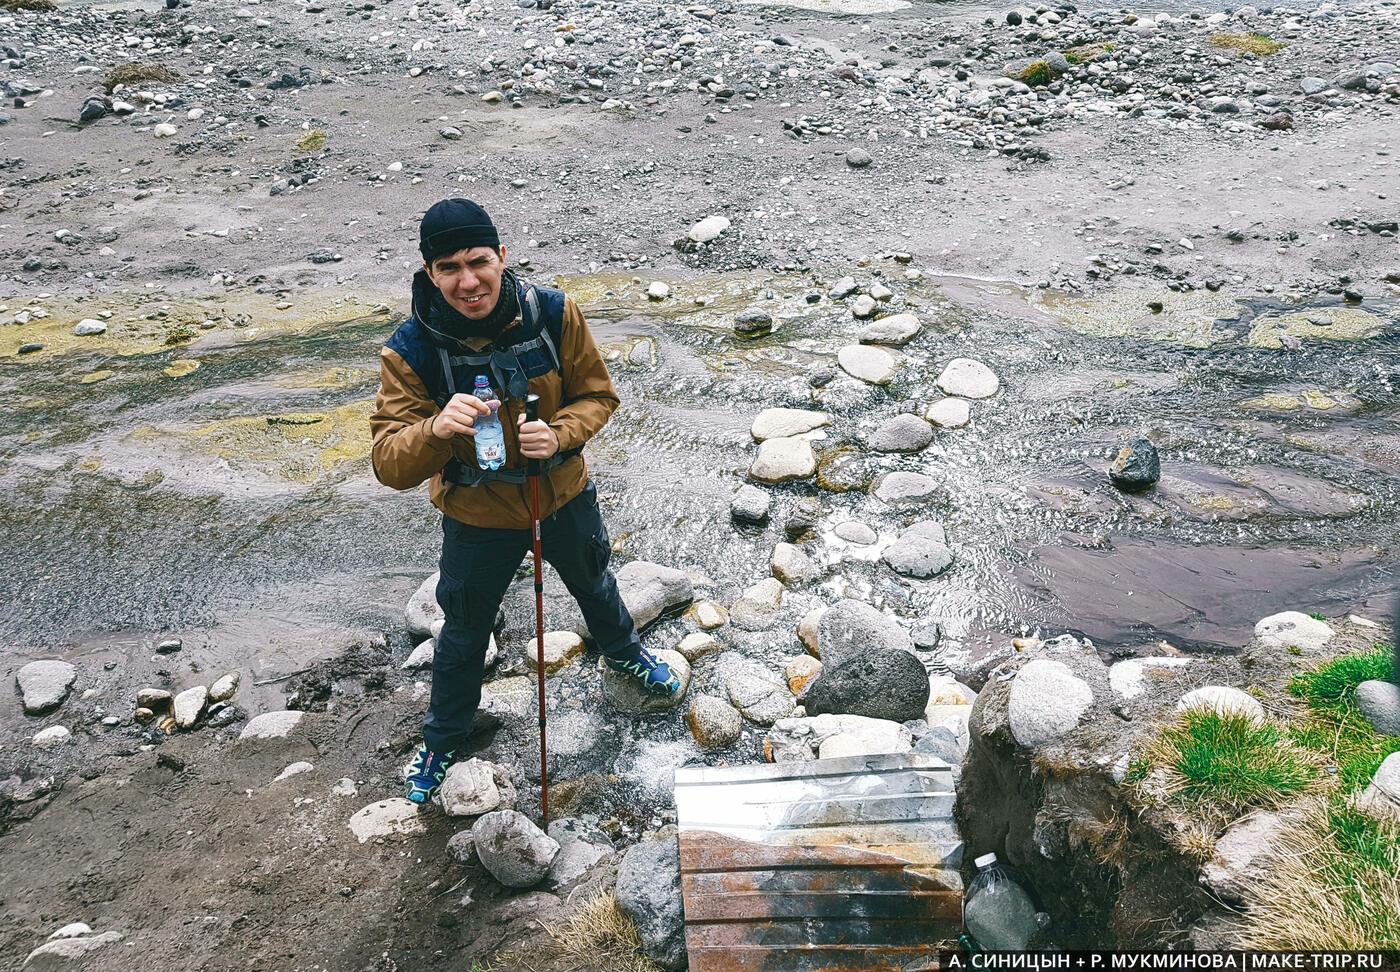 Что посмотреть в окрестностях Кавказских Минеральных Вод